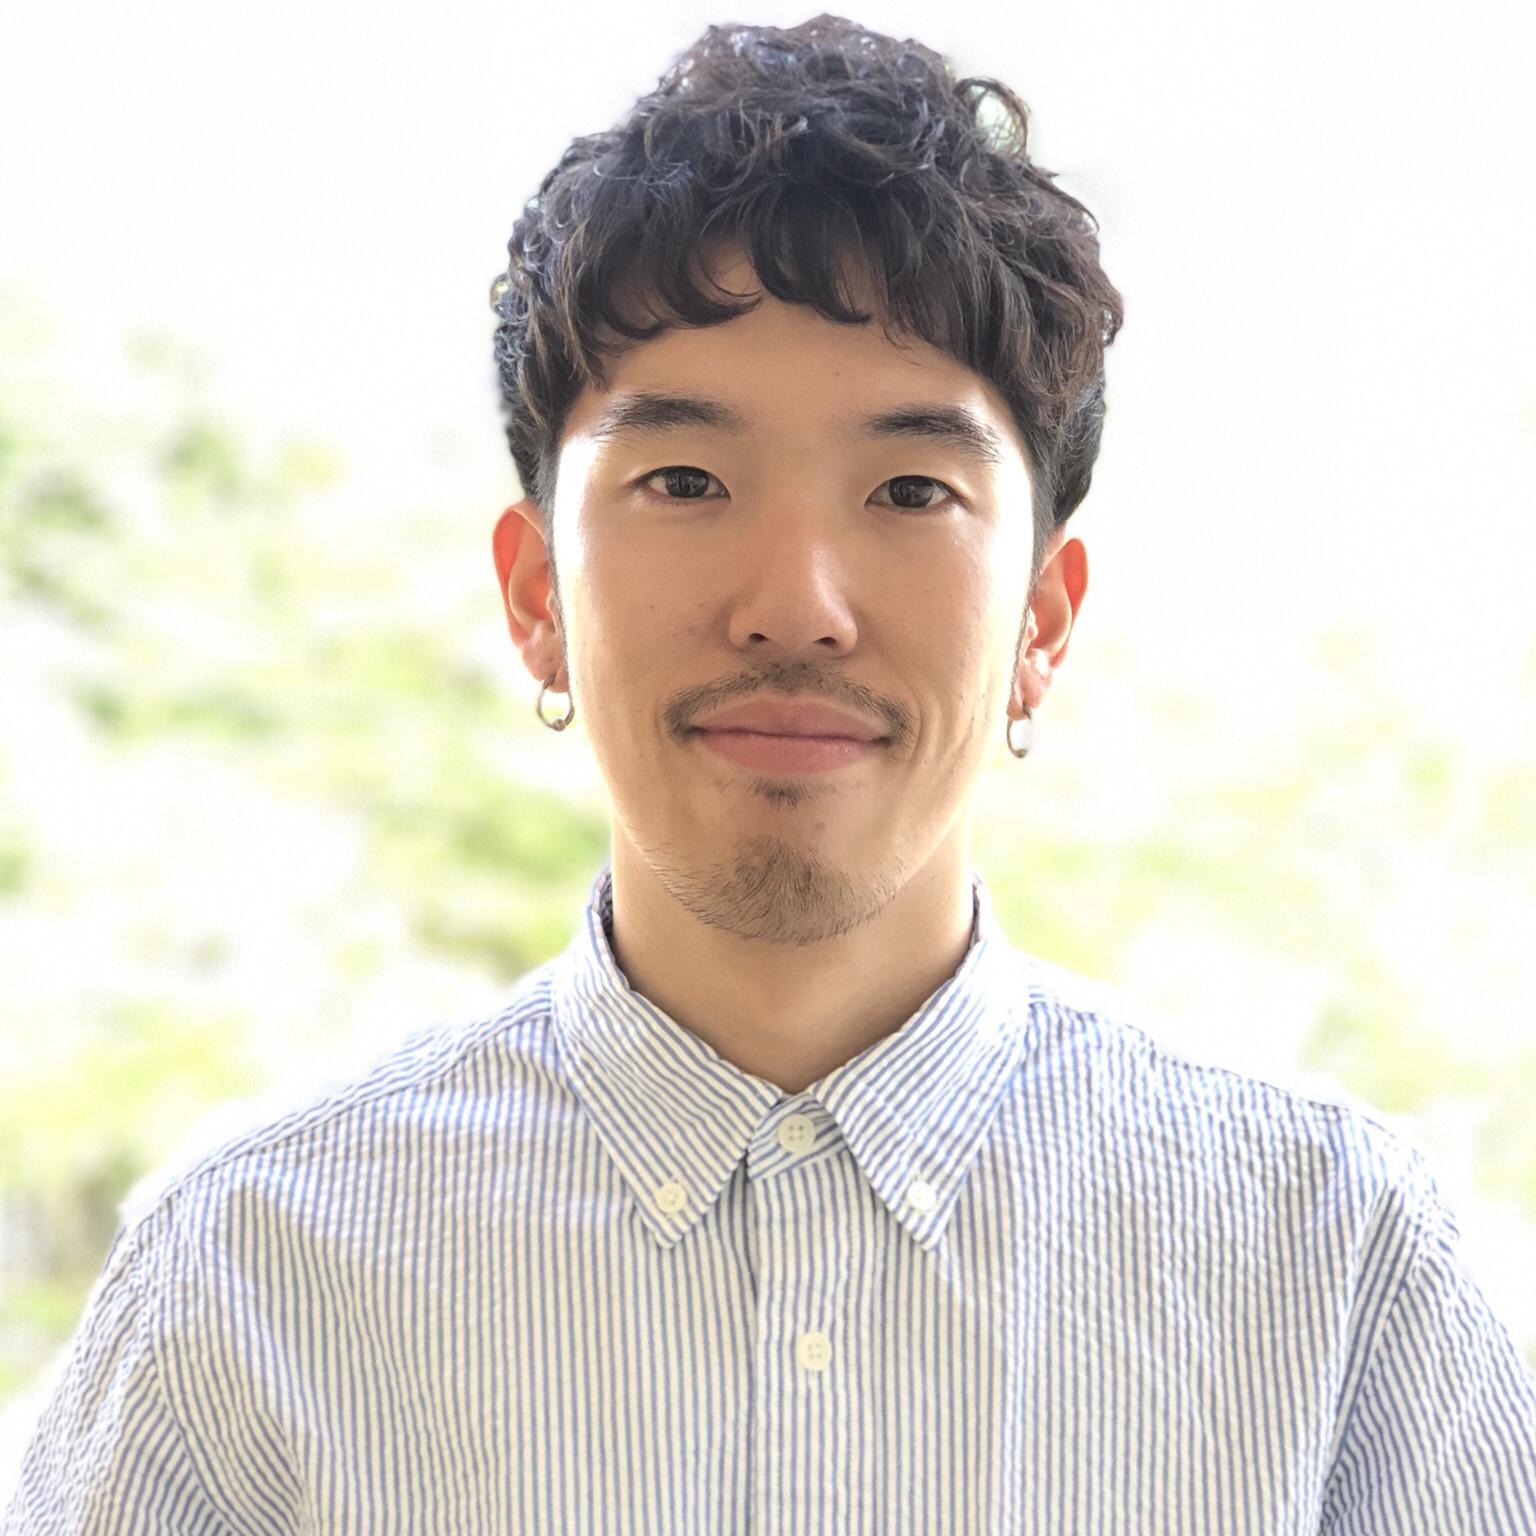 越後 裕介 (Yusuke Echigo)